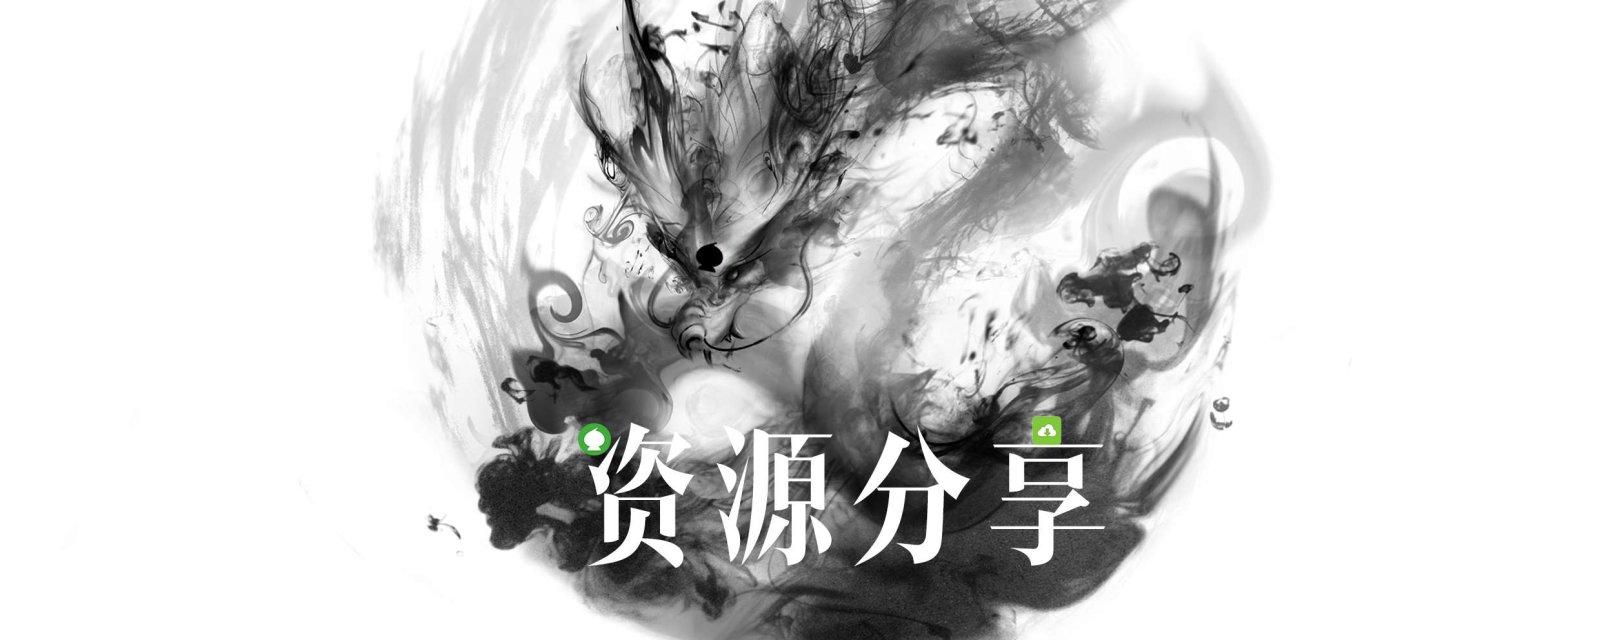 【资源分享】安卓脚本精灵